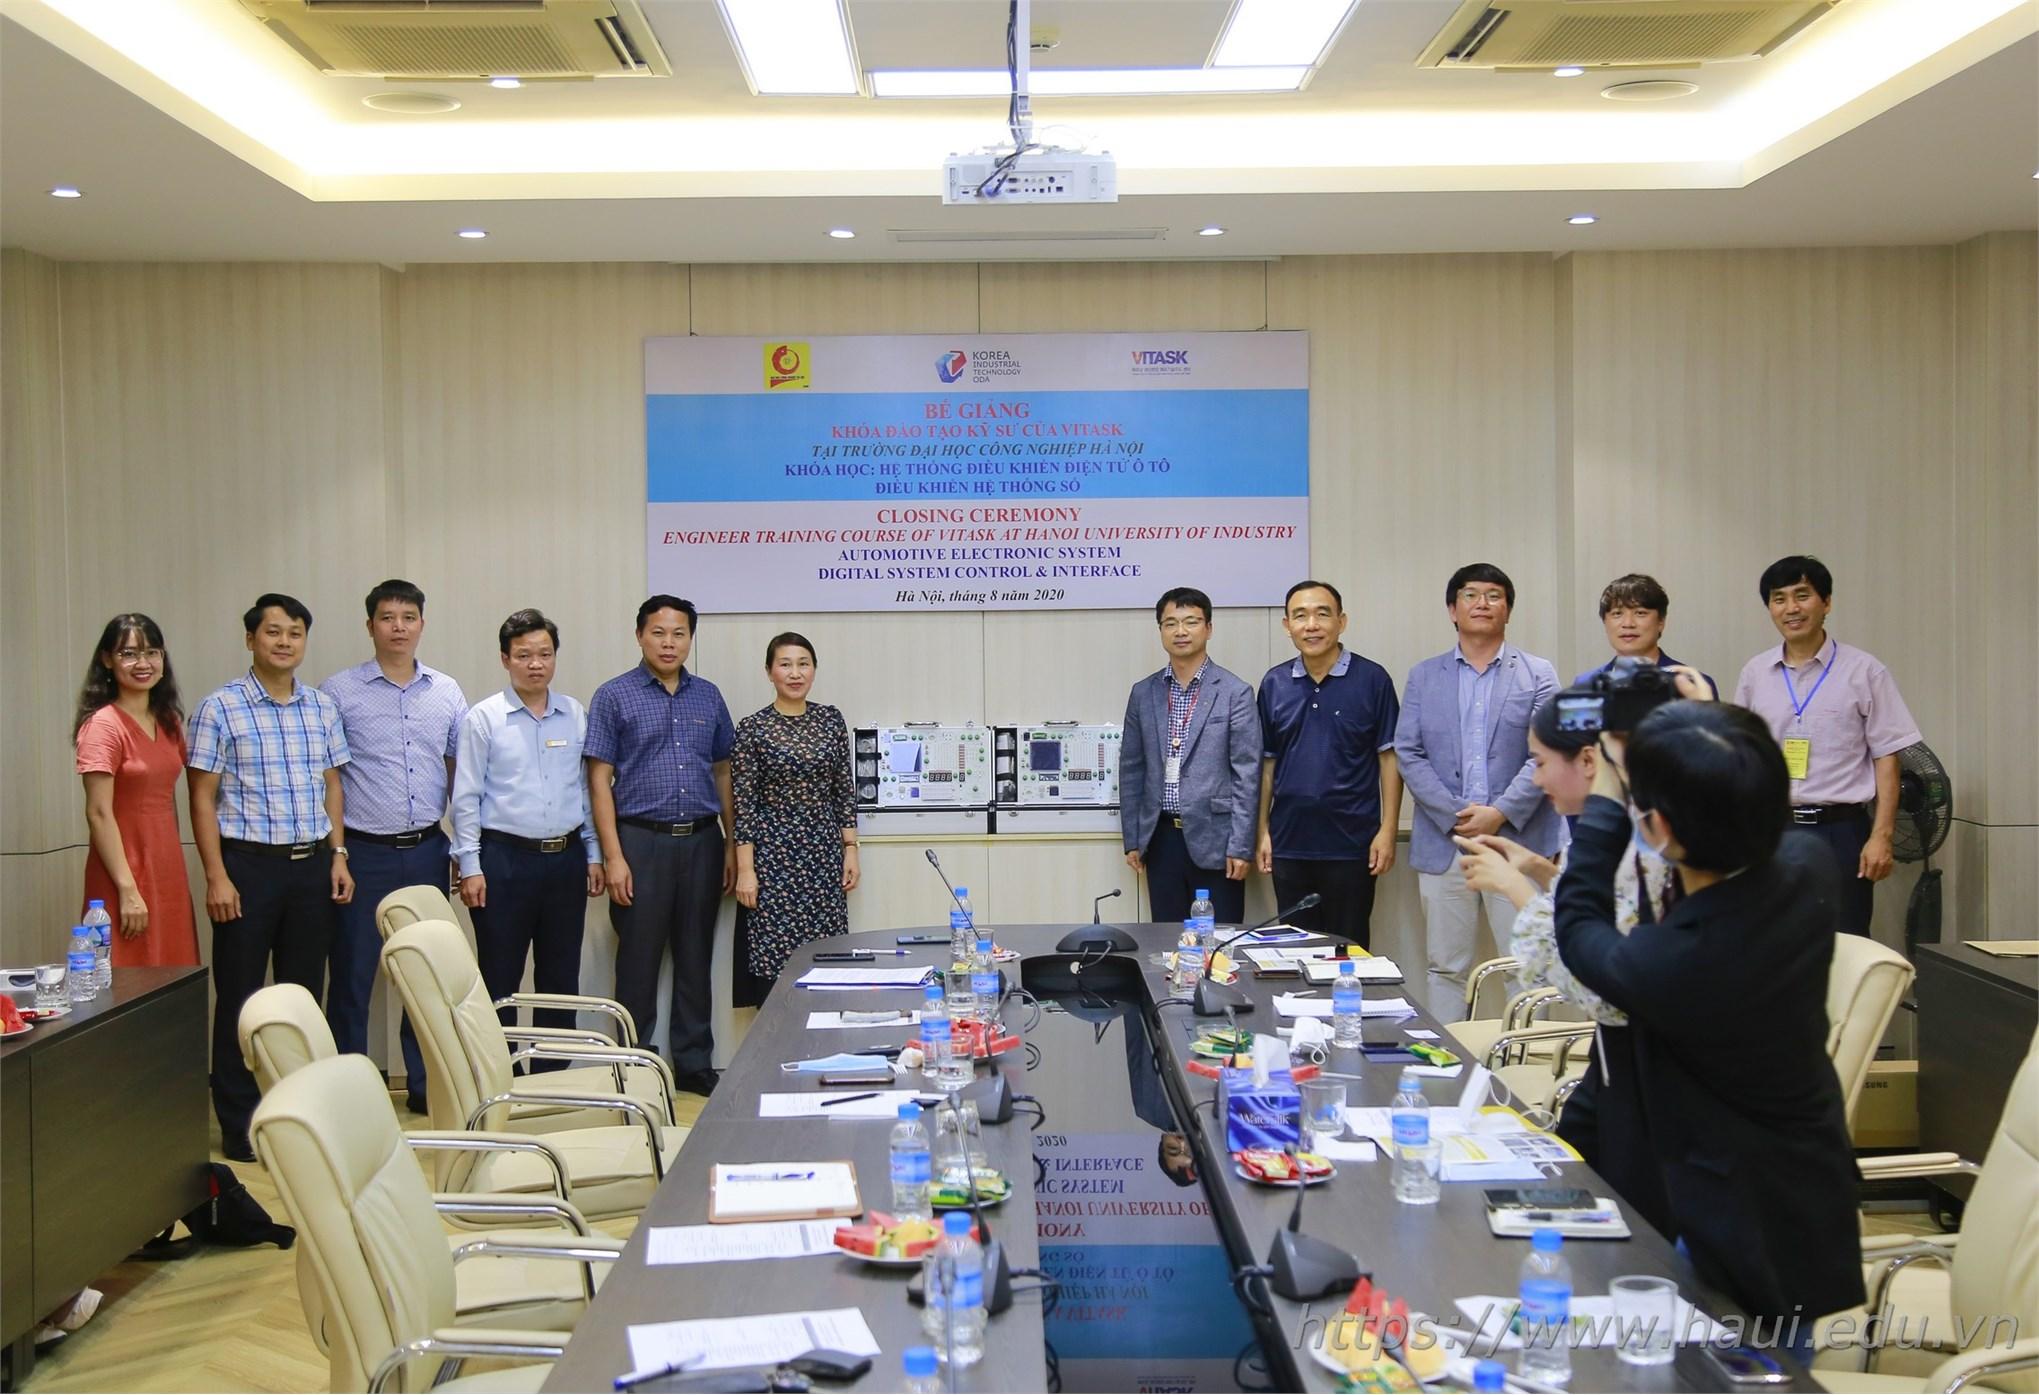 Bế giảng khóa đào tạo kỹ sư ngắn hạn về Điện tử và Công nghệ Ô tô